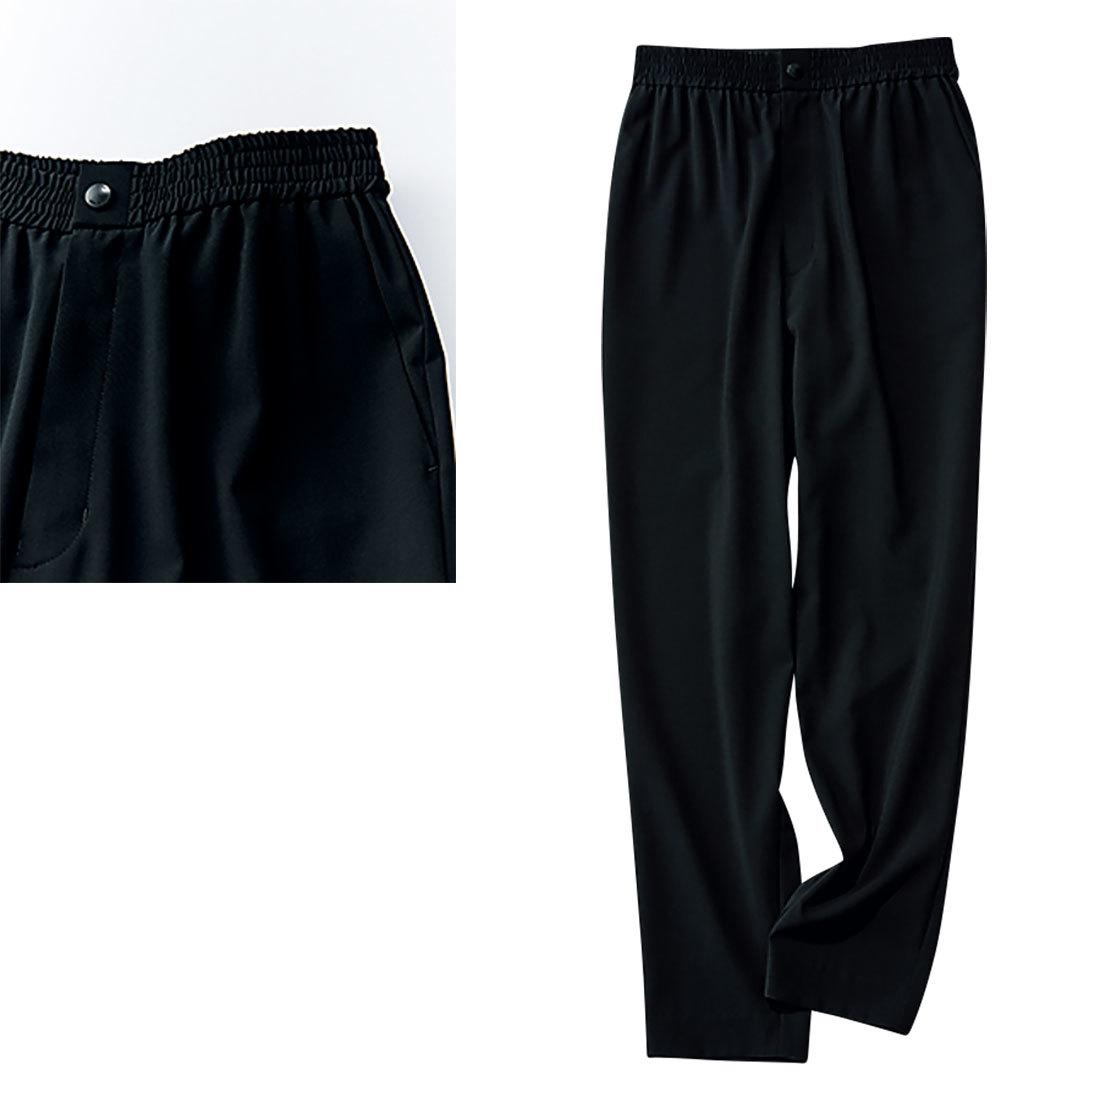 究極の 「美脚黒パンツ」1_6